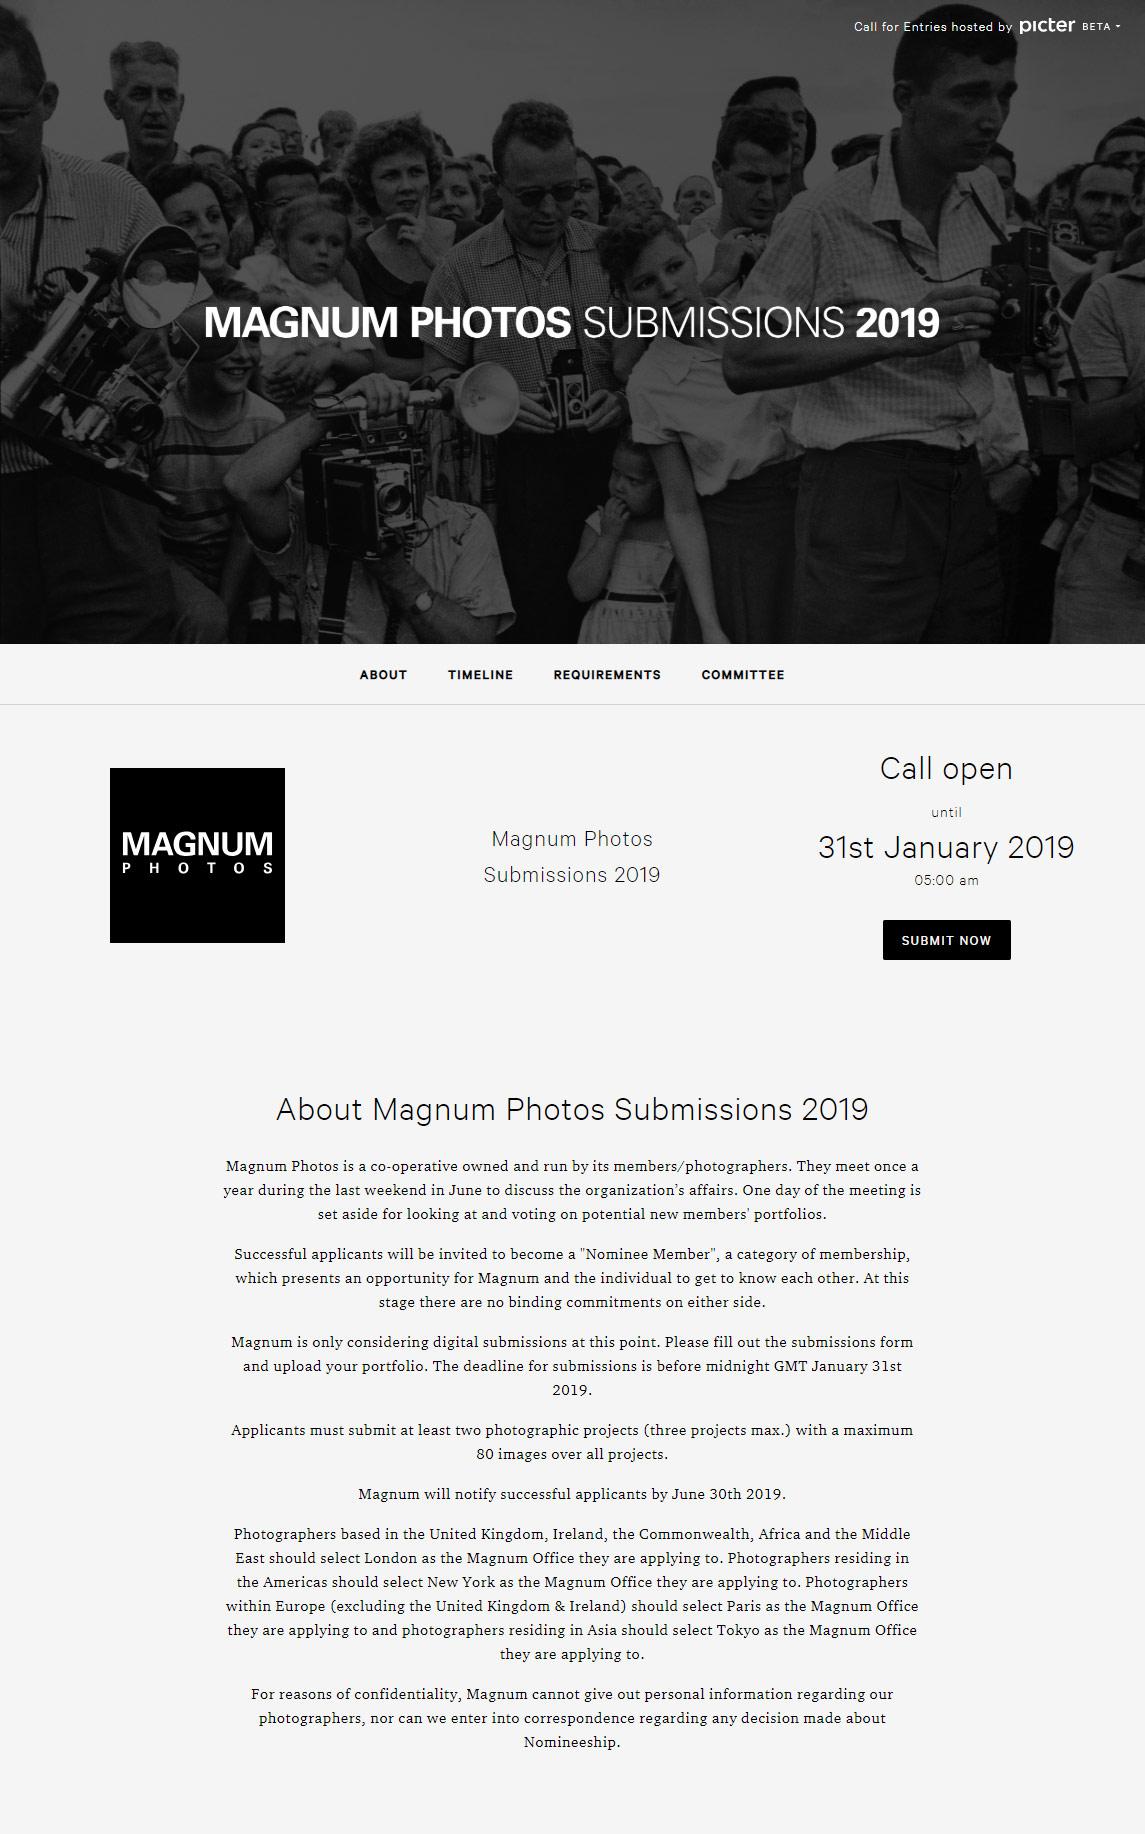 Magnum Photos Submissions